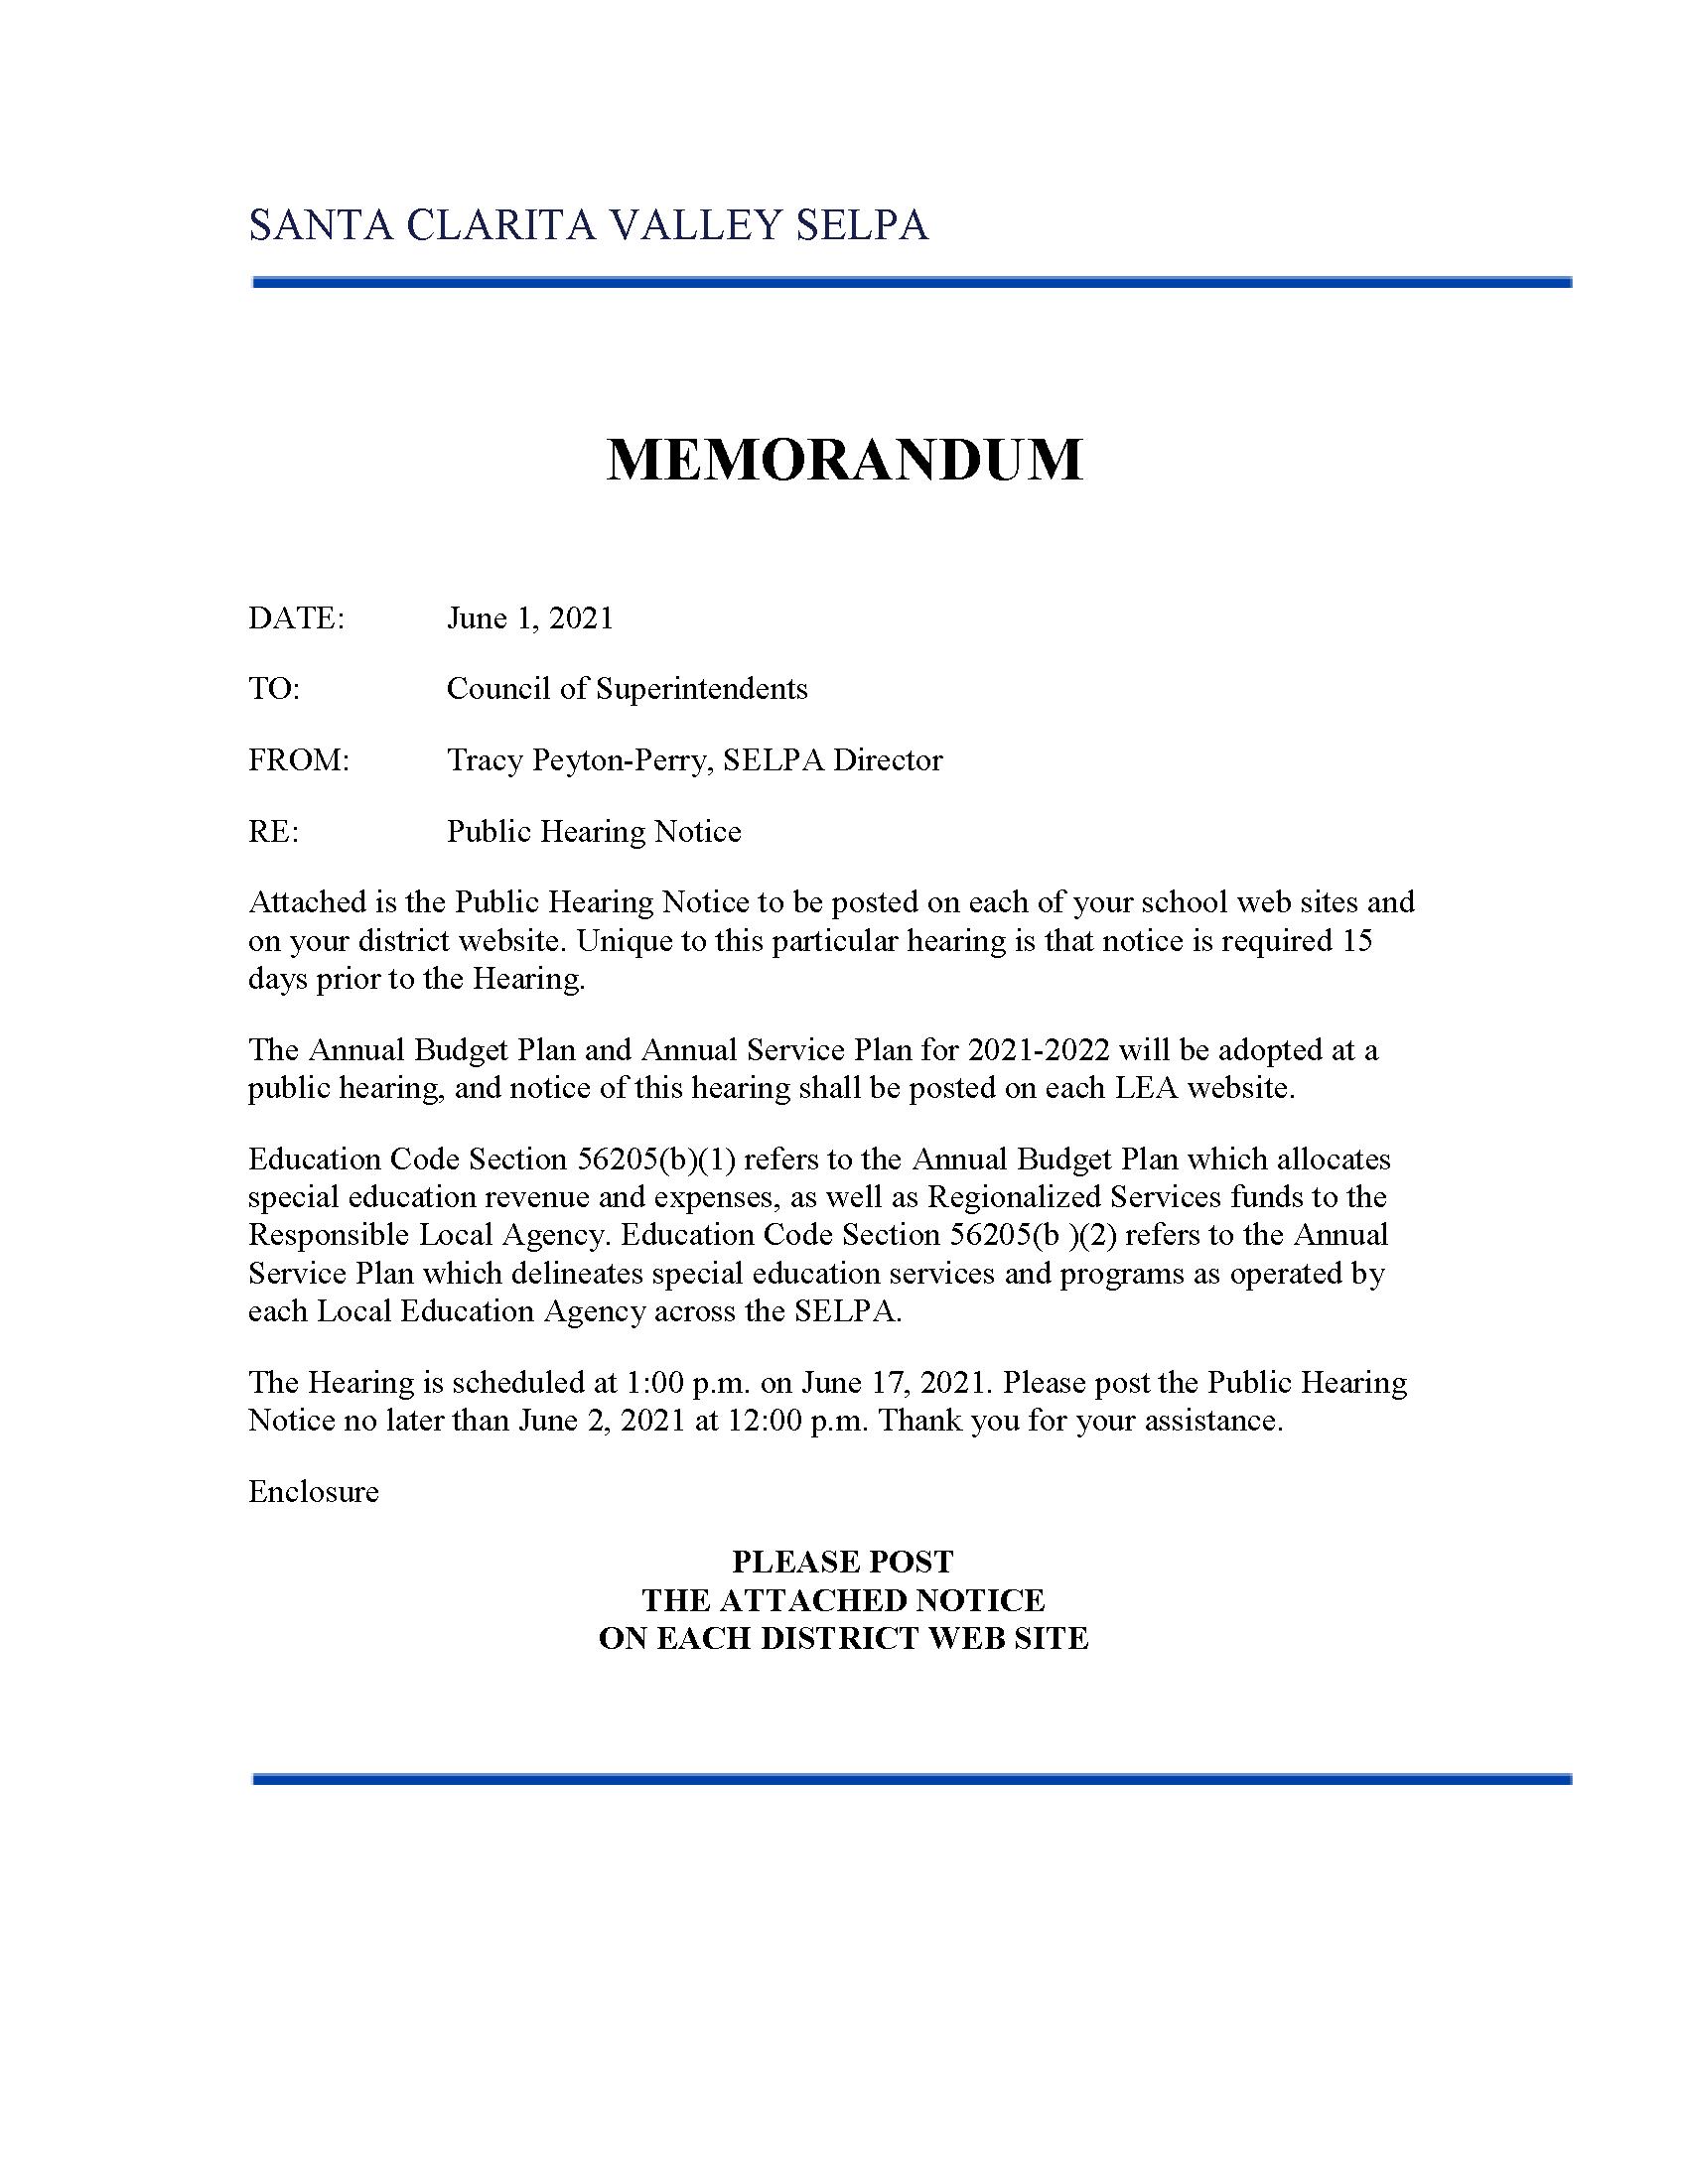 MEMO - SELPA Public Hearing Posting